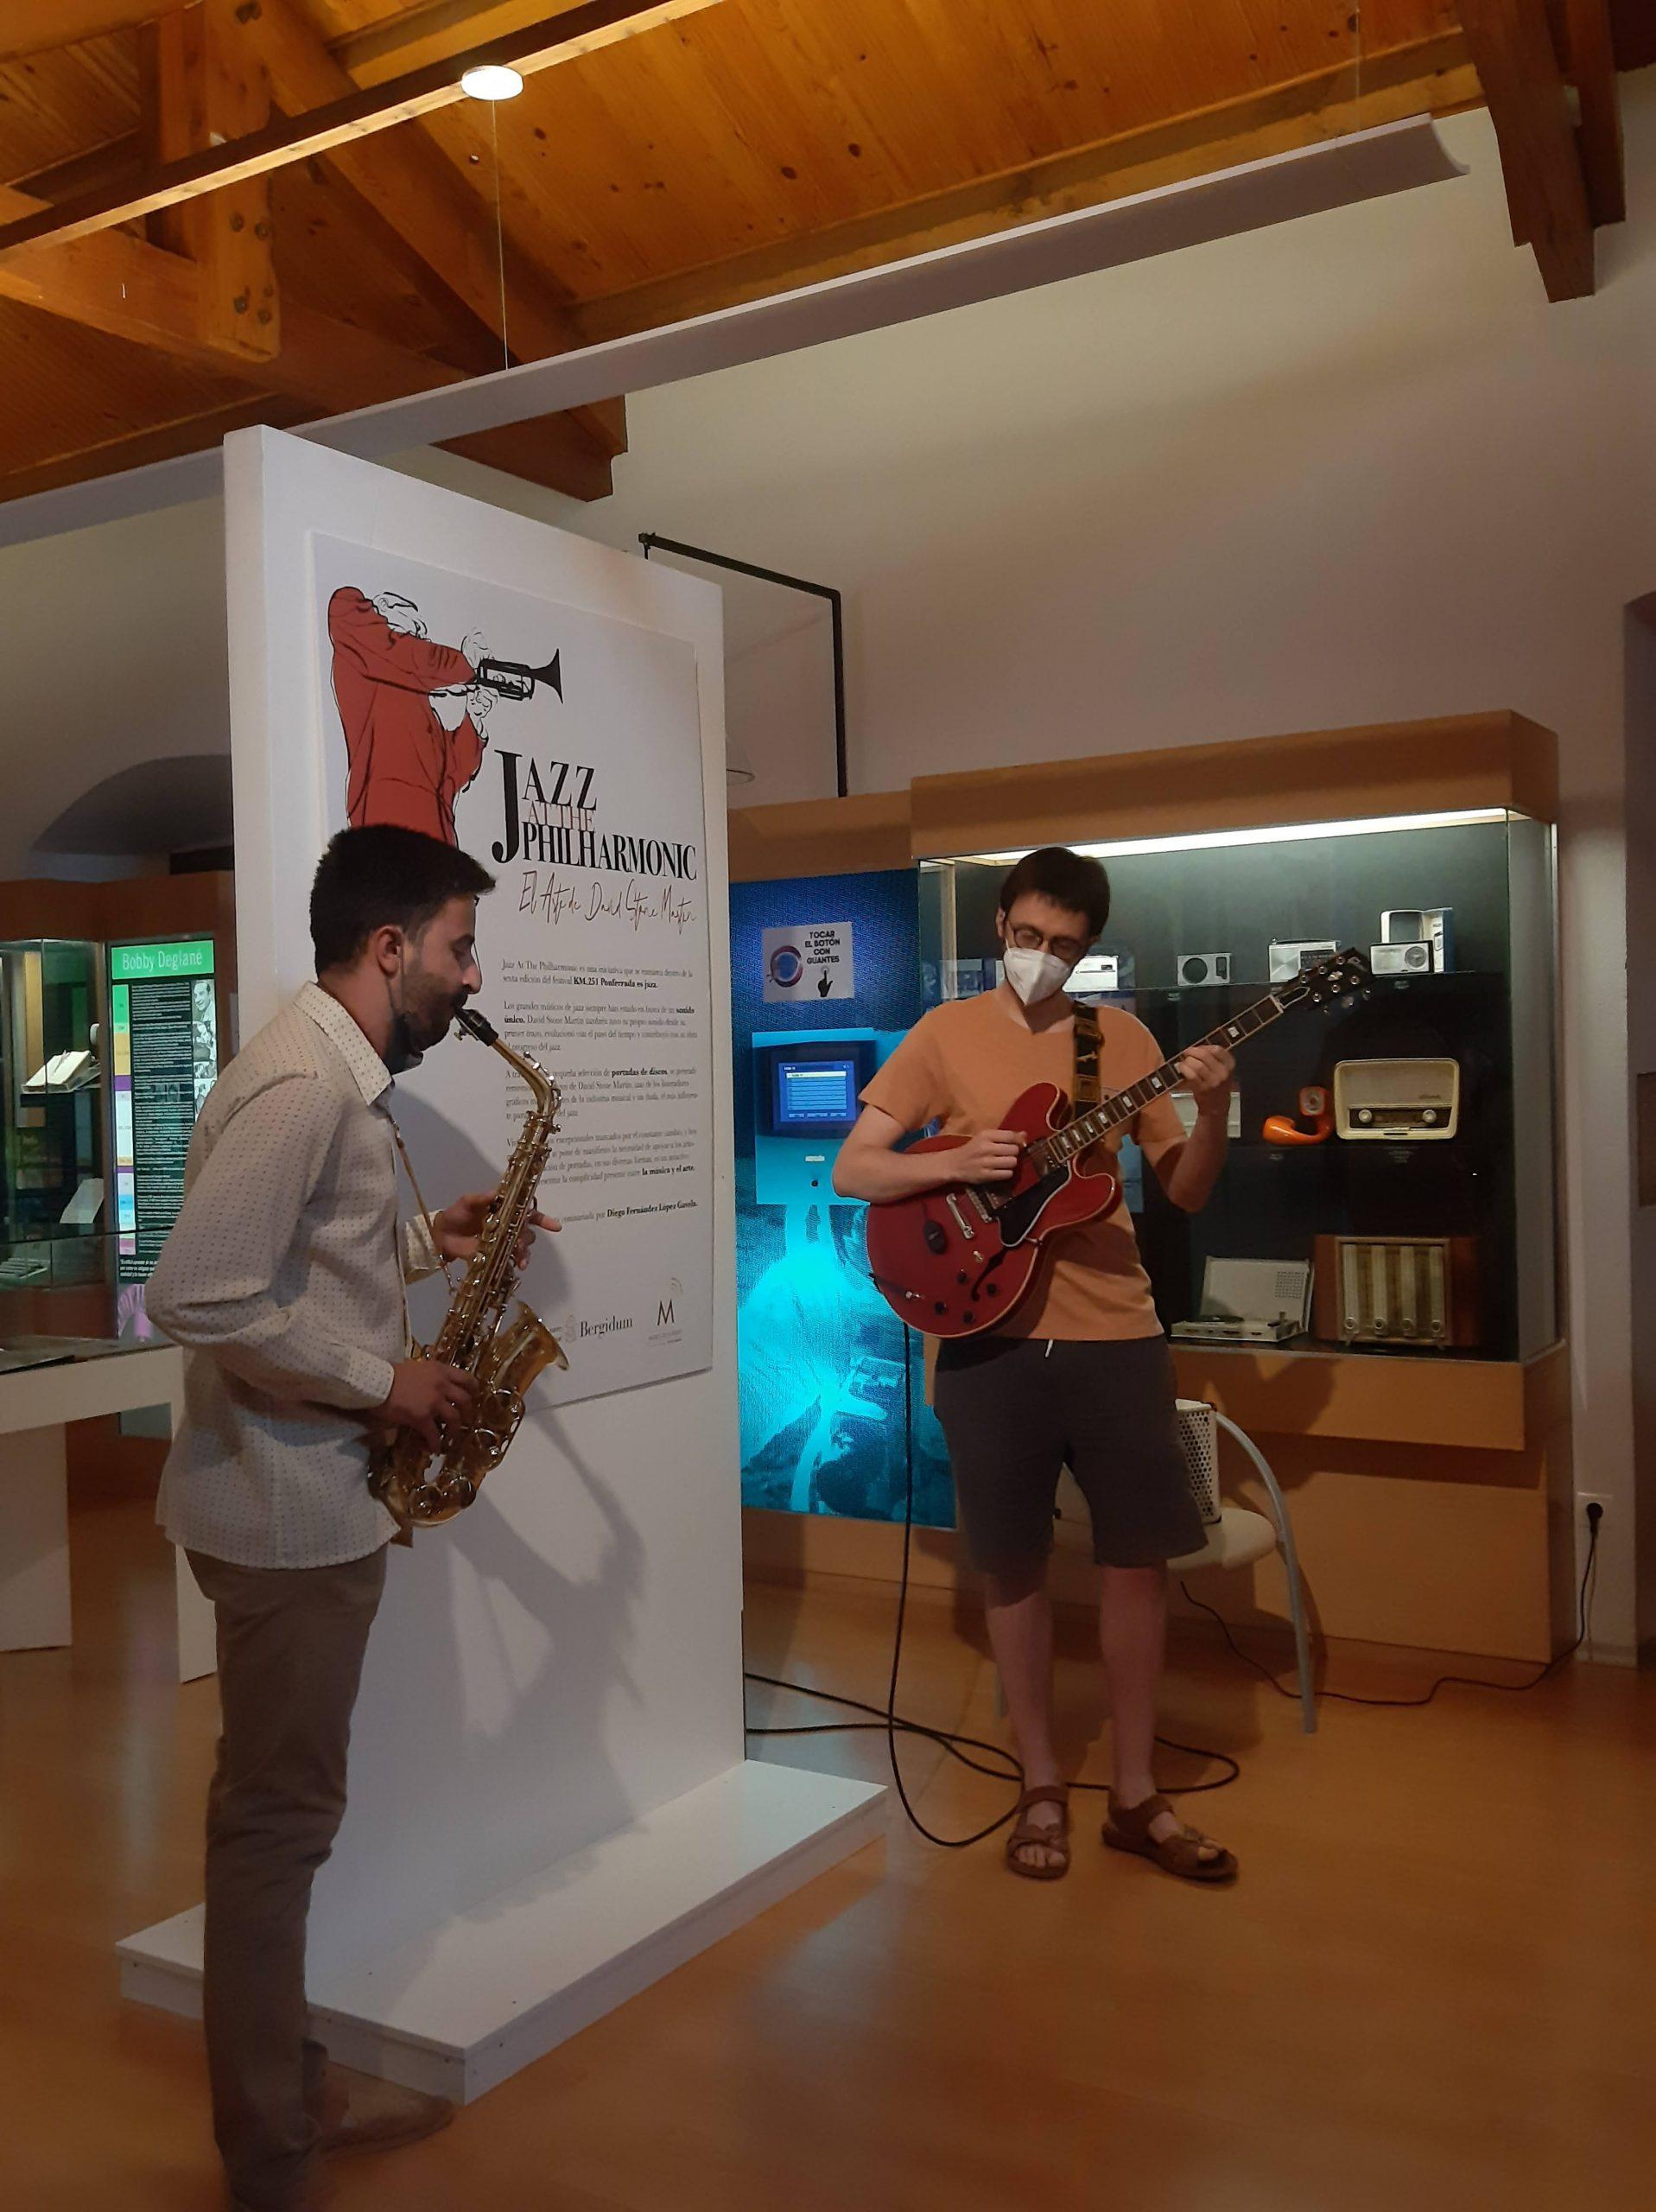 El Museo de la Radio suma una exposición de JAZZ al festival K.M. 251 4